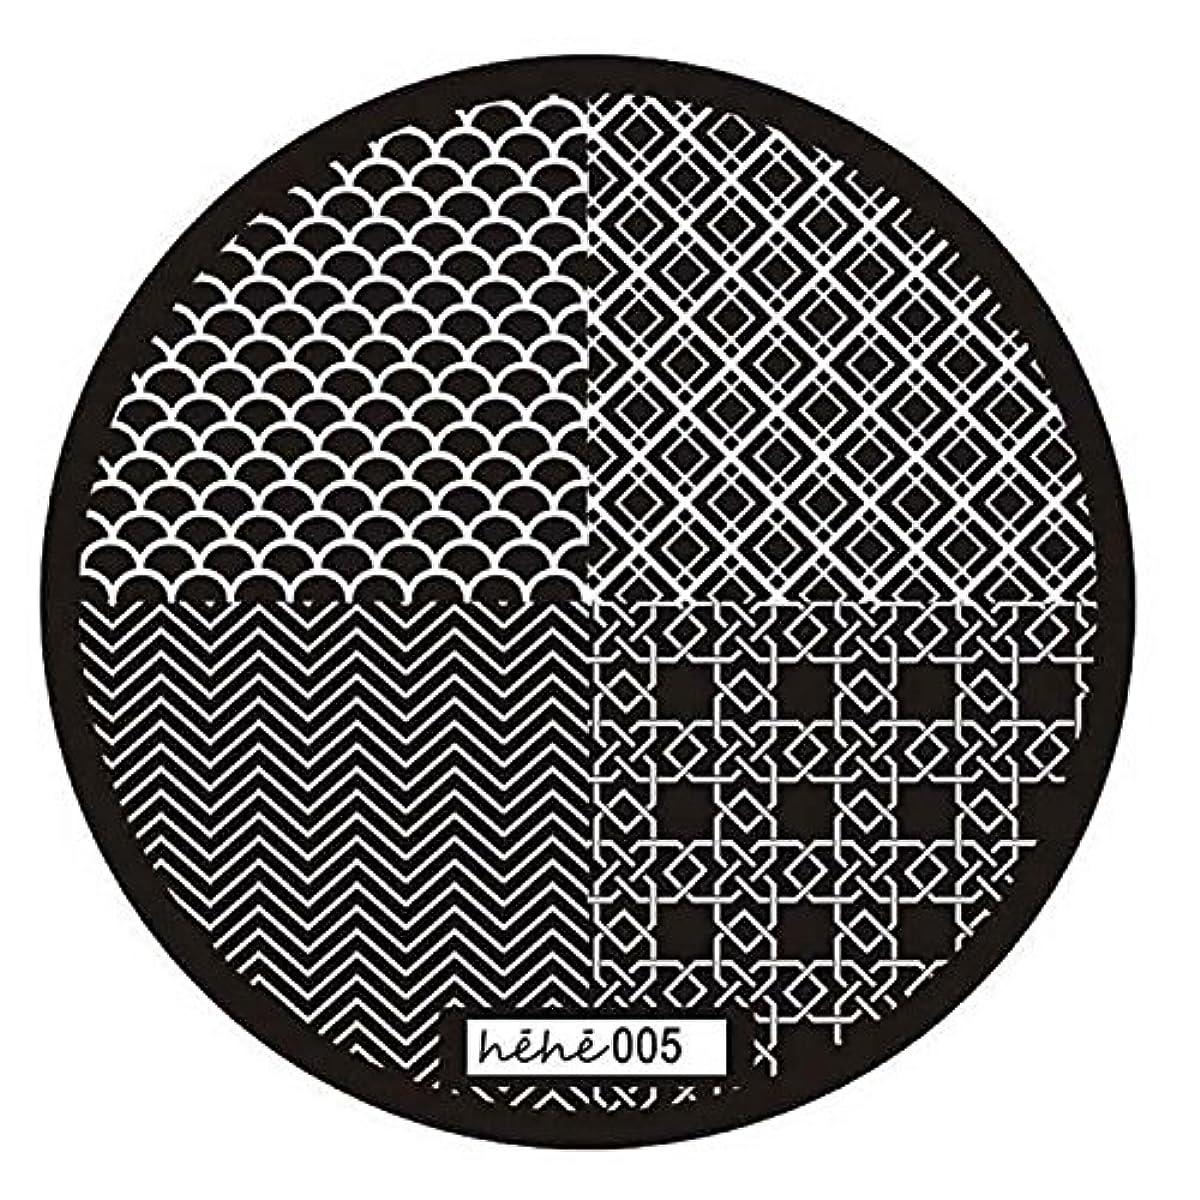 作物気球ヒステリックACAMPTAR ネイルアート イメージスタンププレート マニキュアテンプレート 005